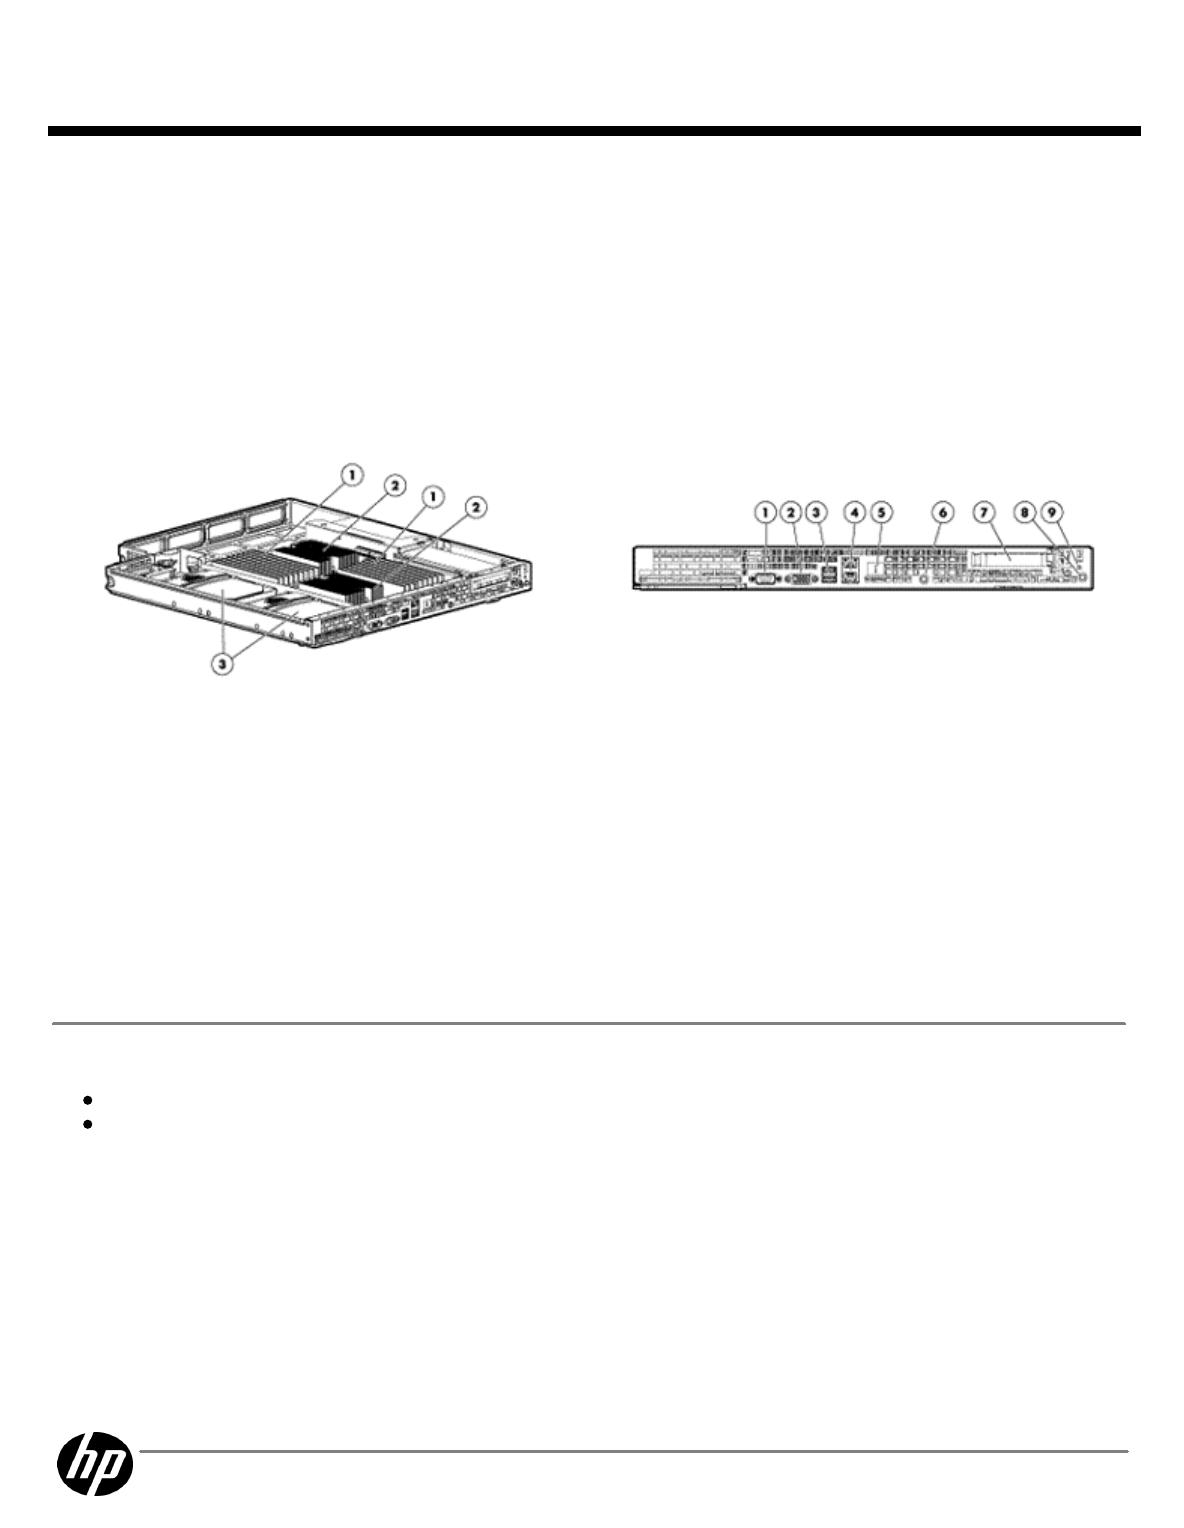 591896-L21 2.93 GHz,12MB L3 Cache, 95 Watts, DDR3-1333 New Bulk HP Intel Xeon Processor X5670